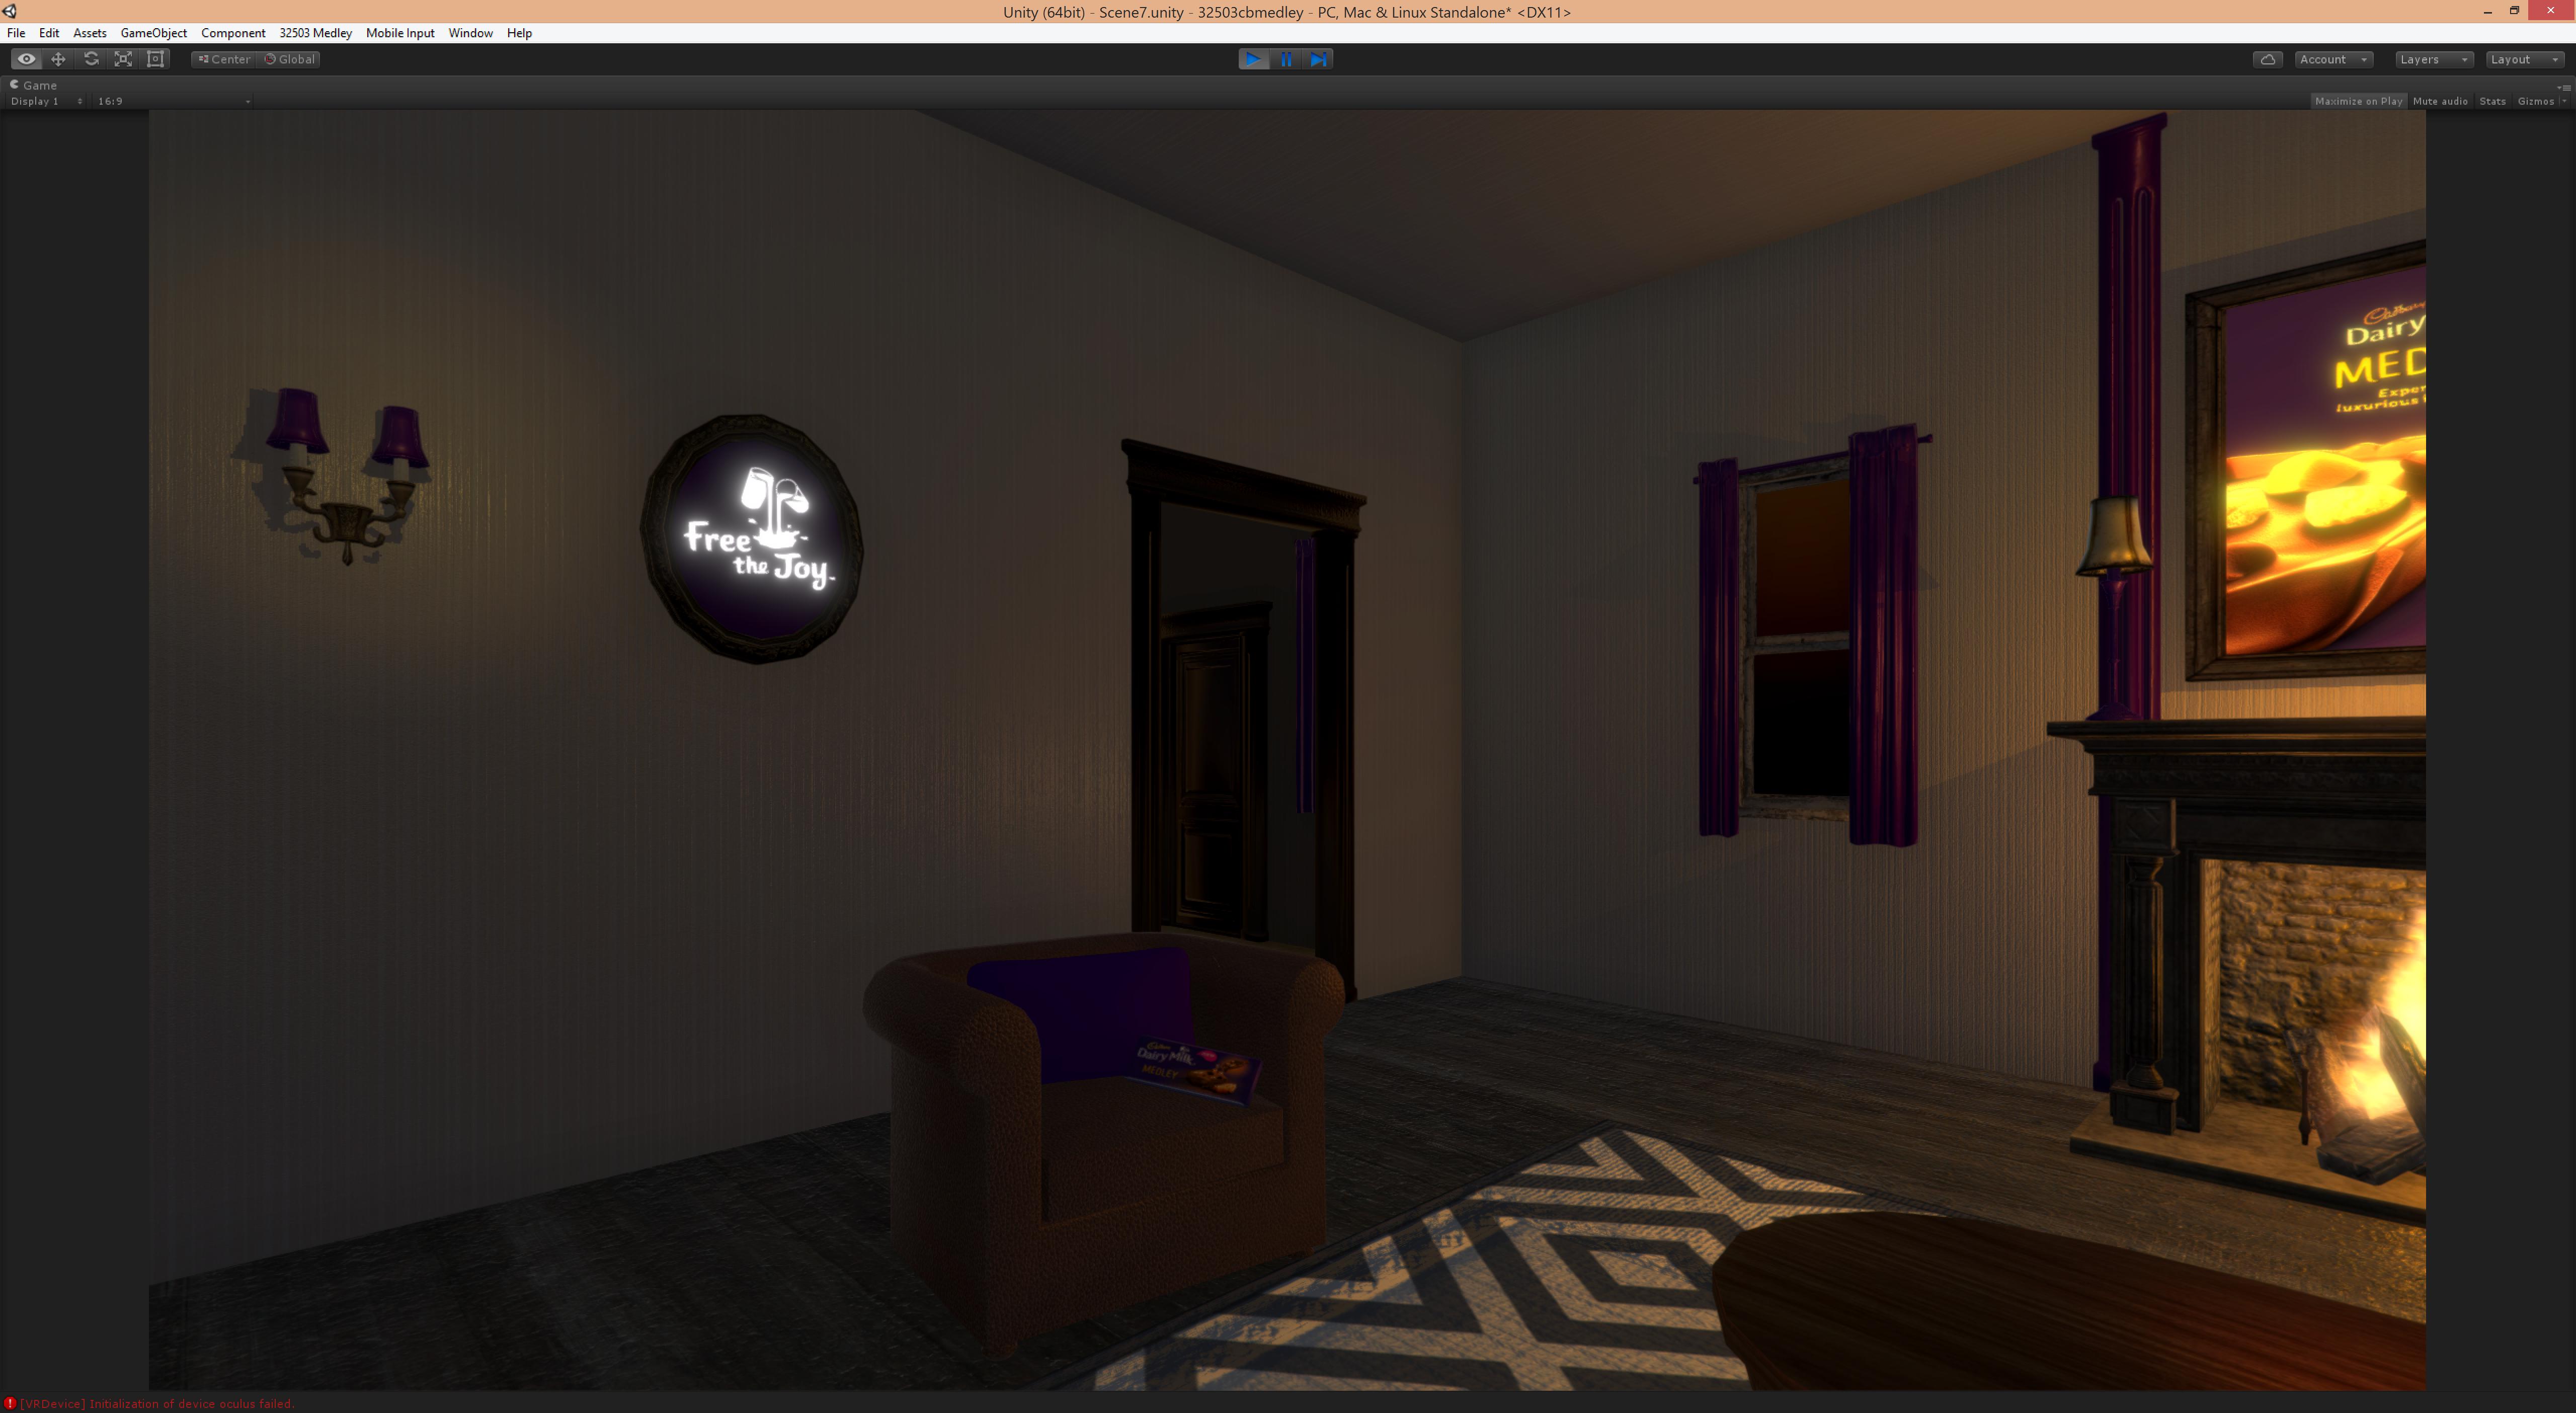 Immersive VR Room